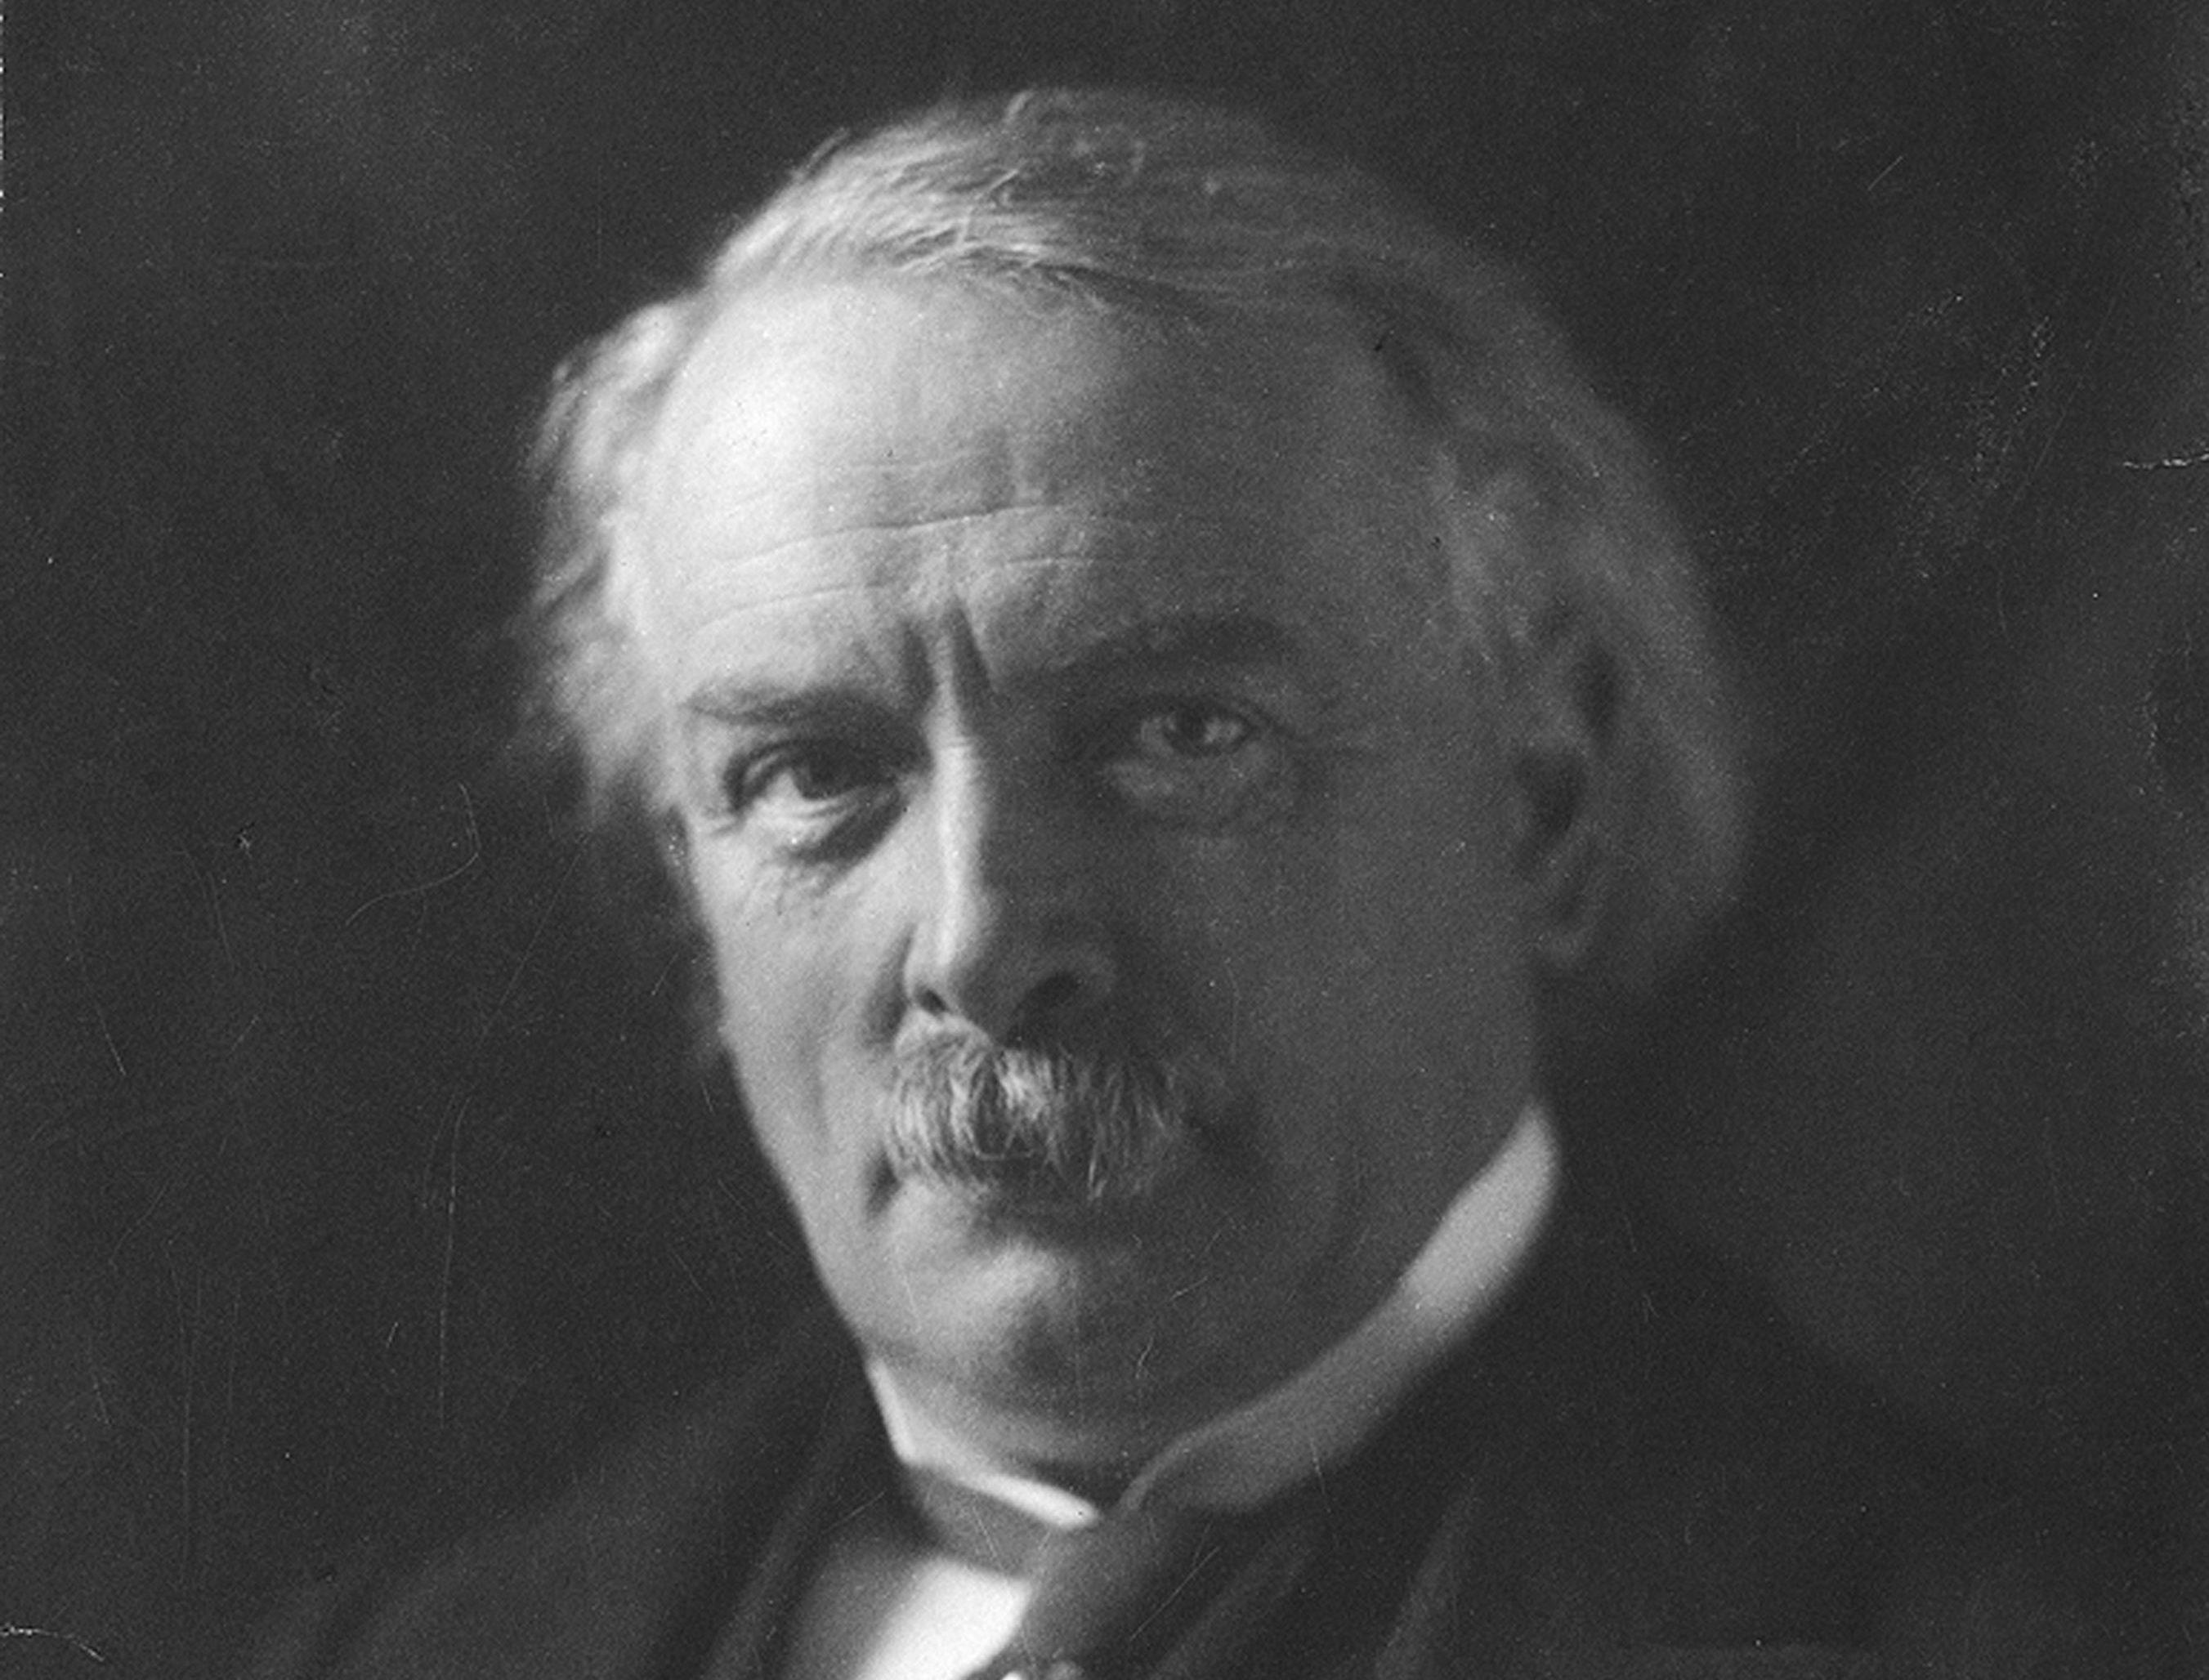 David Lloyd George.